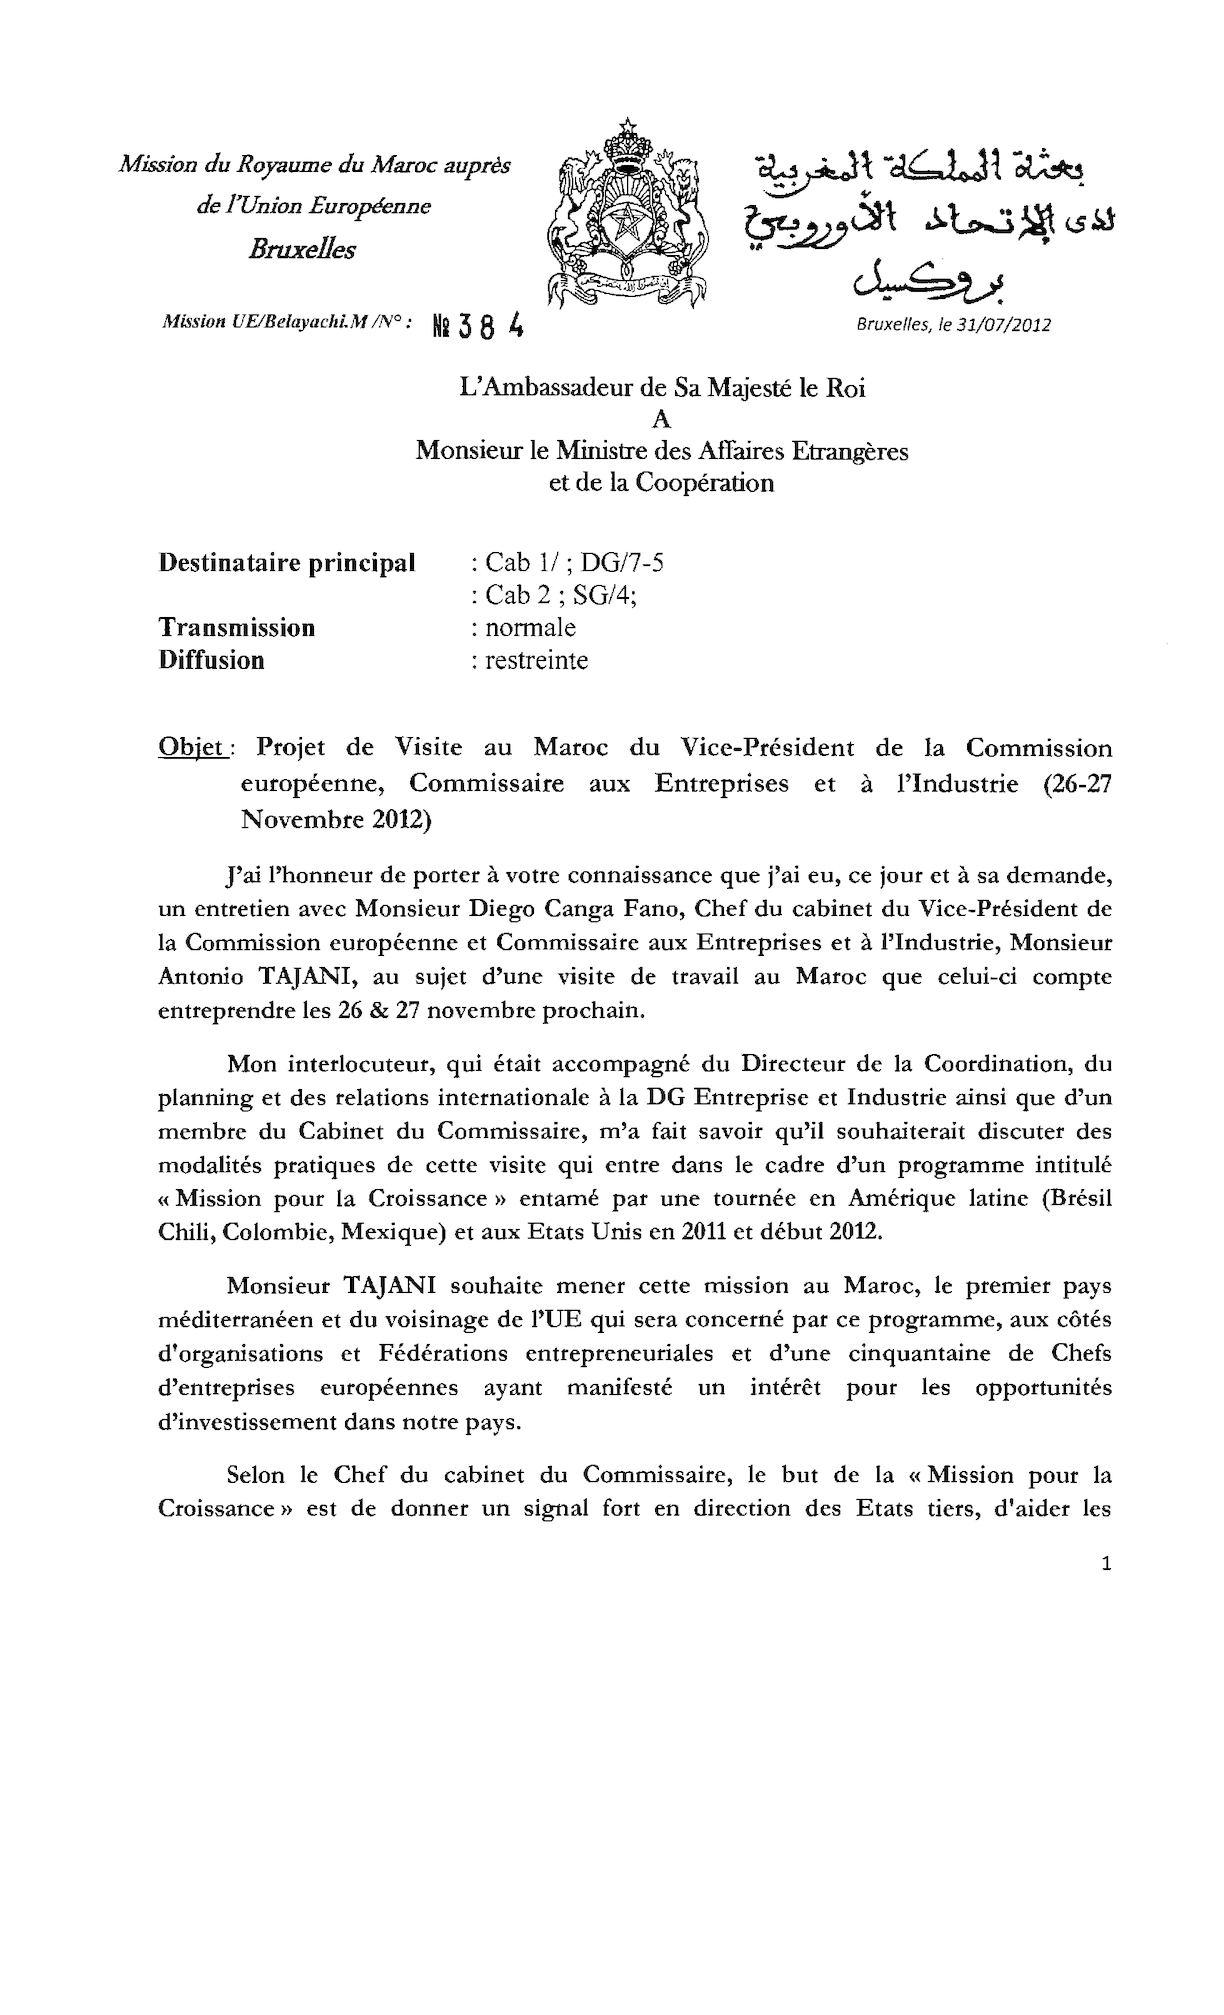 Projet Visite V Président De La Ce Au Maroc